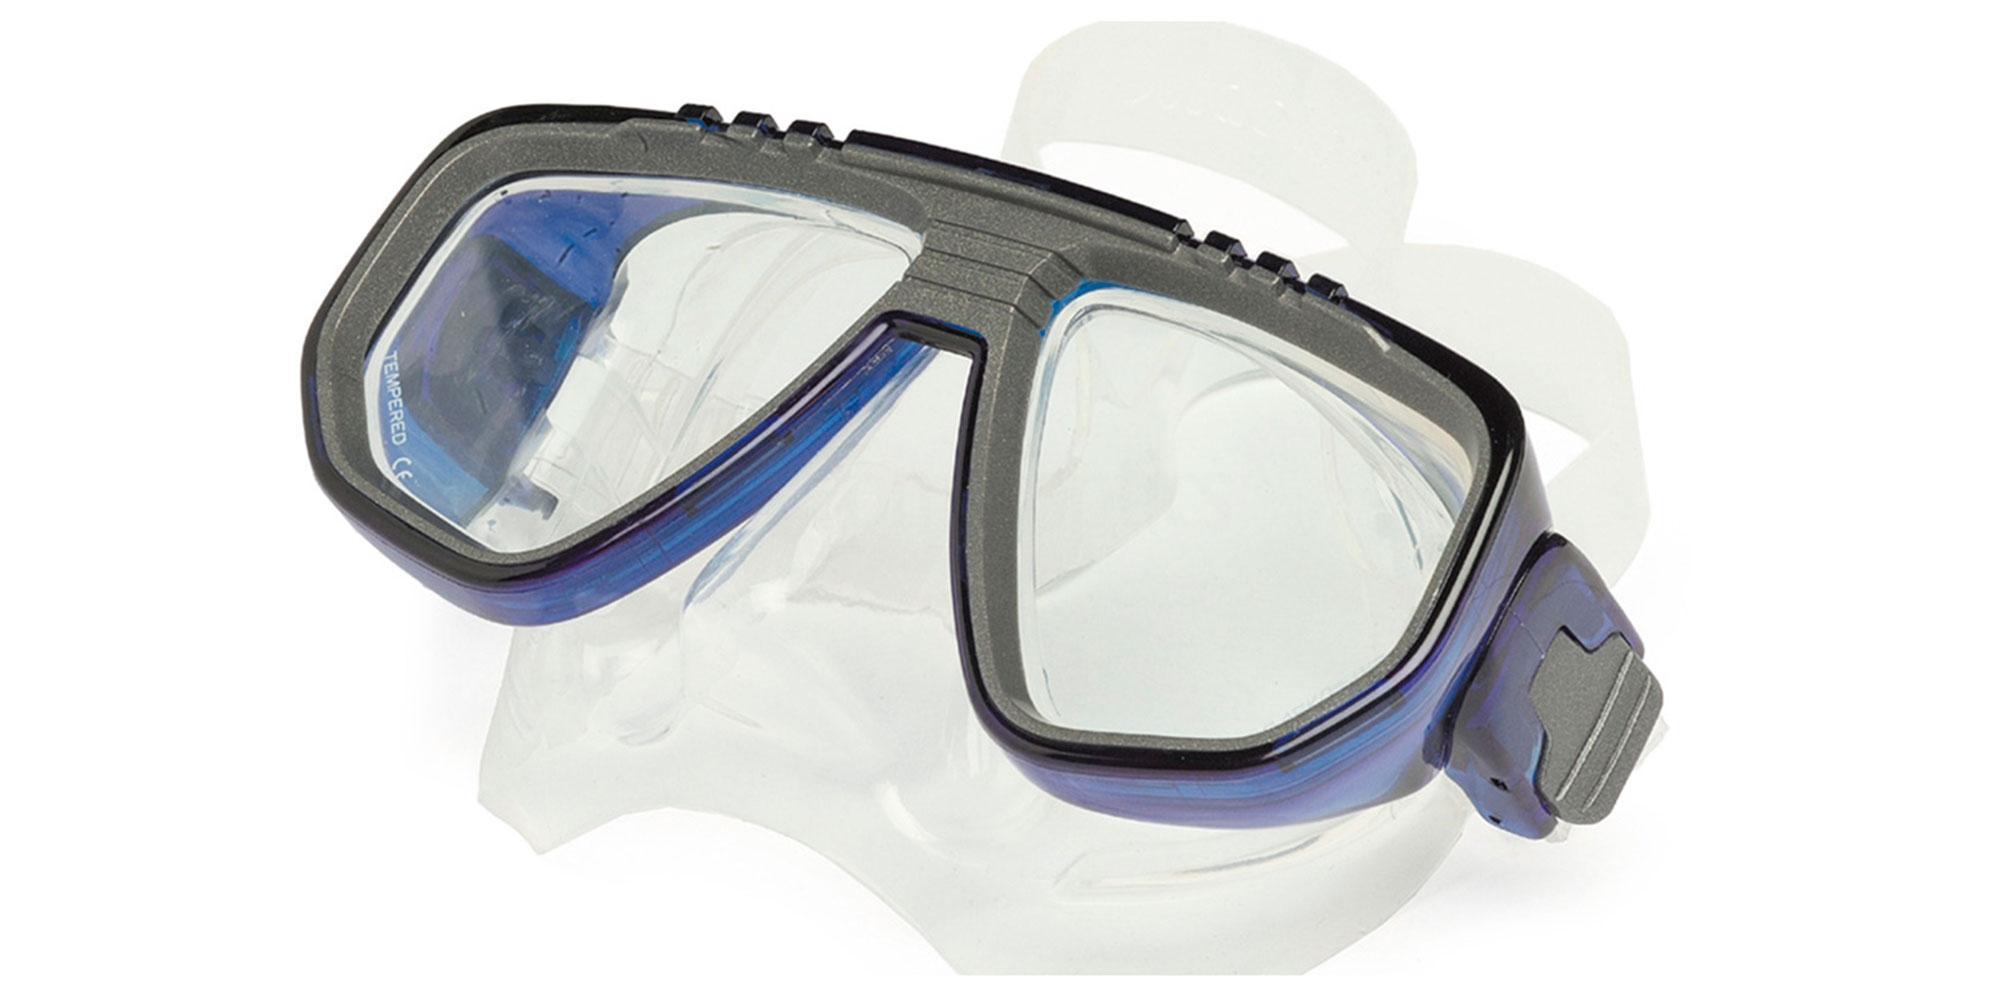 Blue Barracuda Accessories, Sports Eyewear